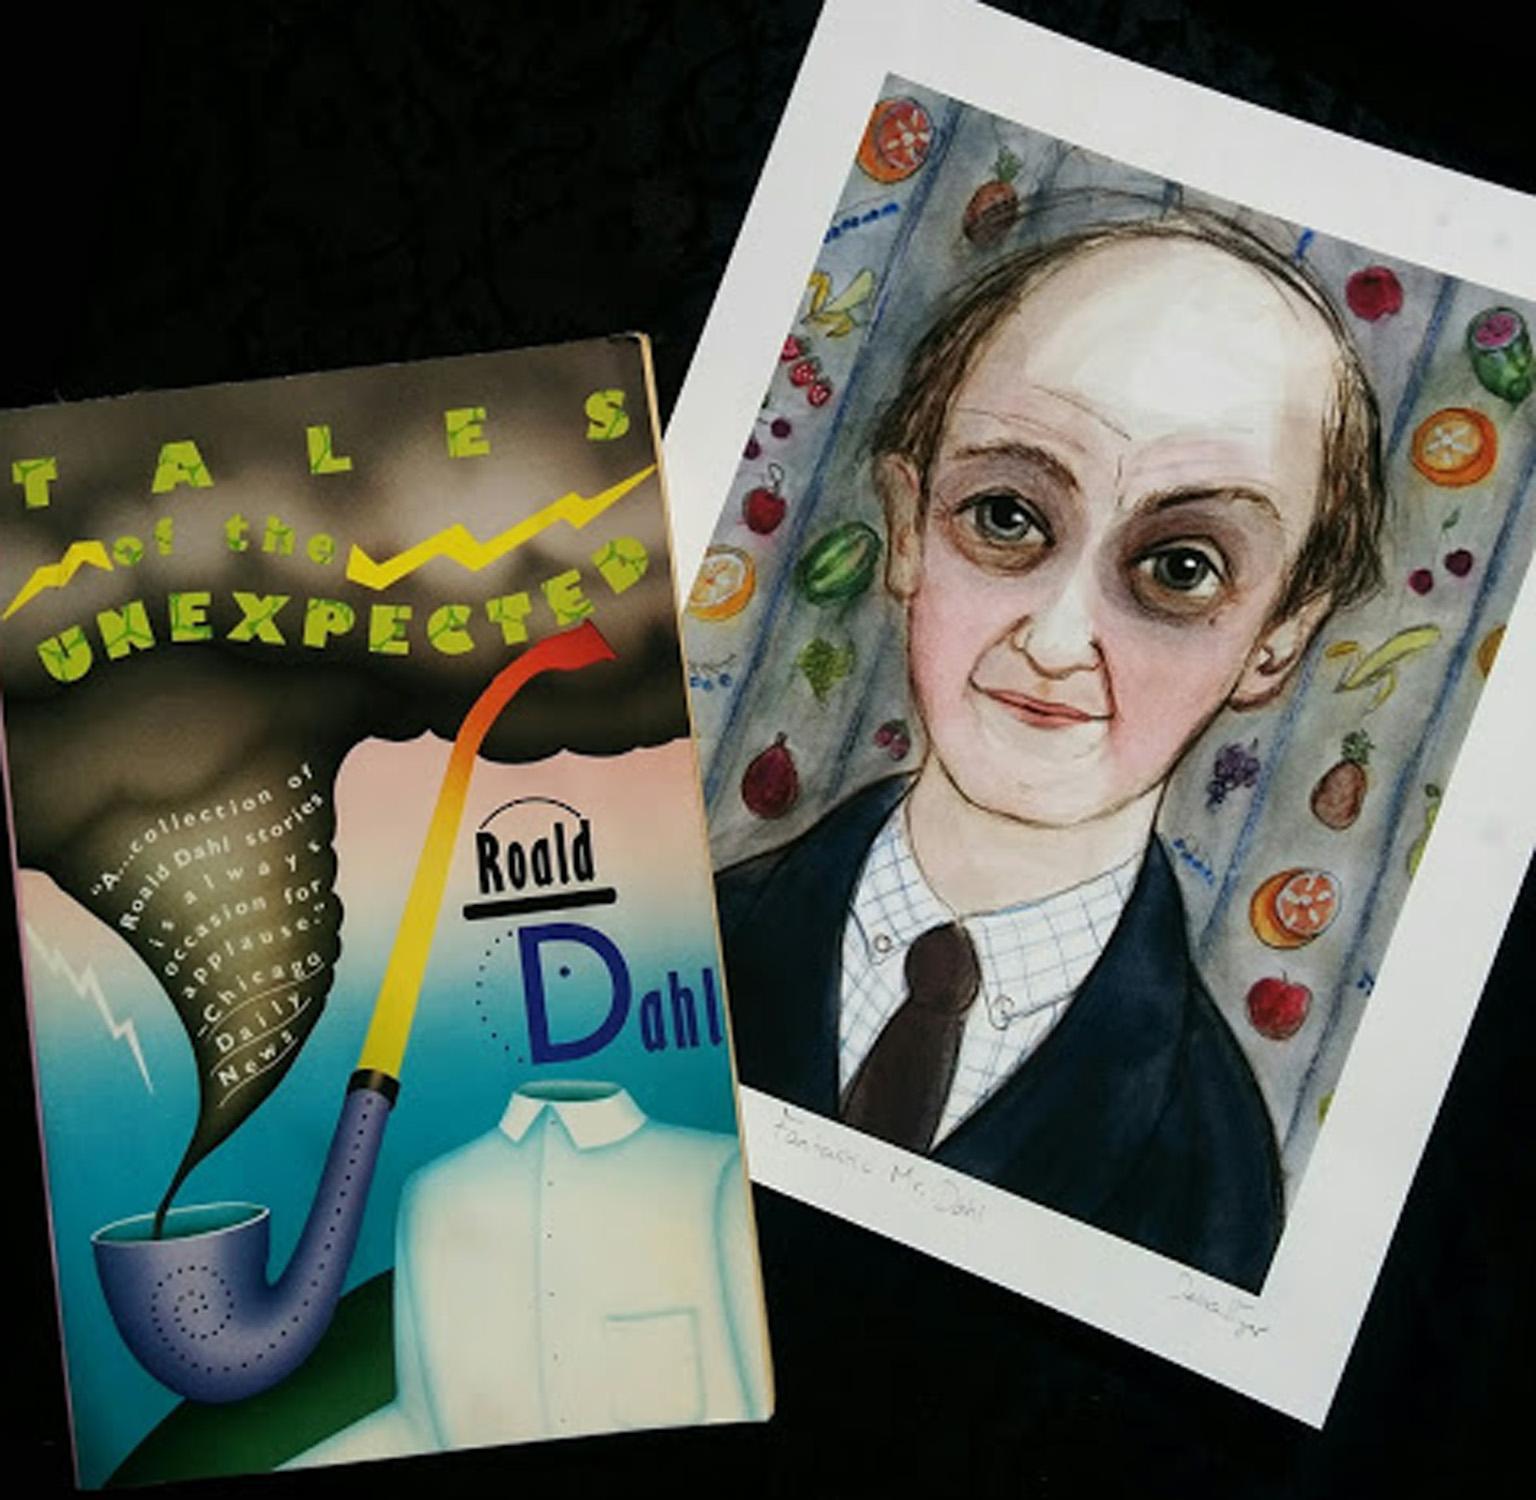 Roald Dahl Portrait Unexpected Tales